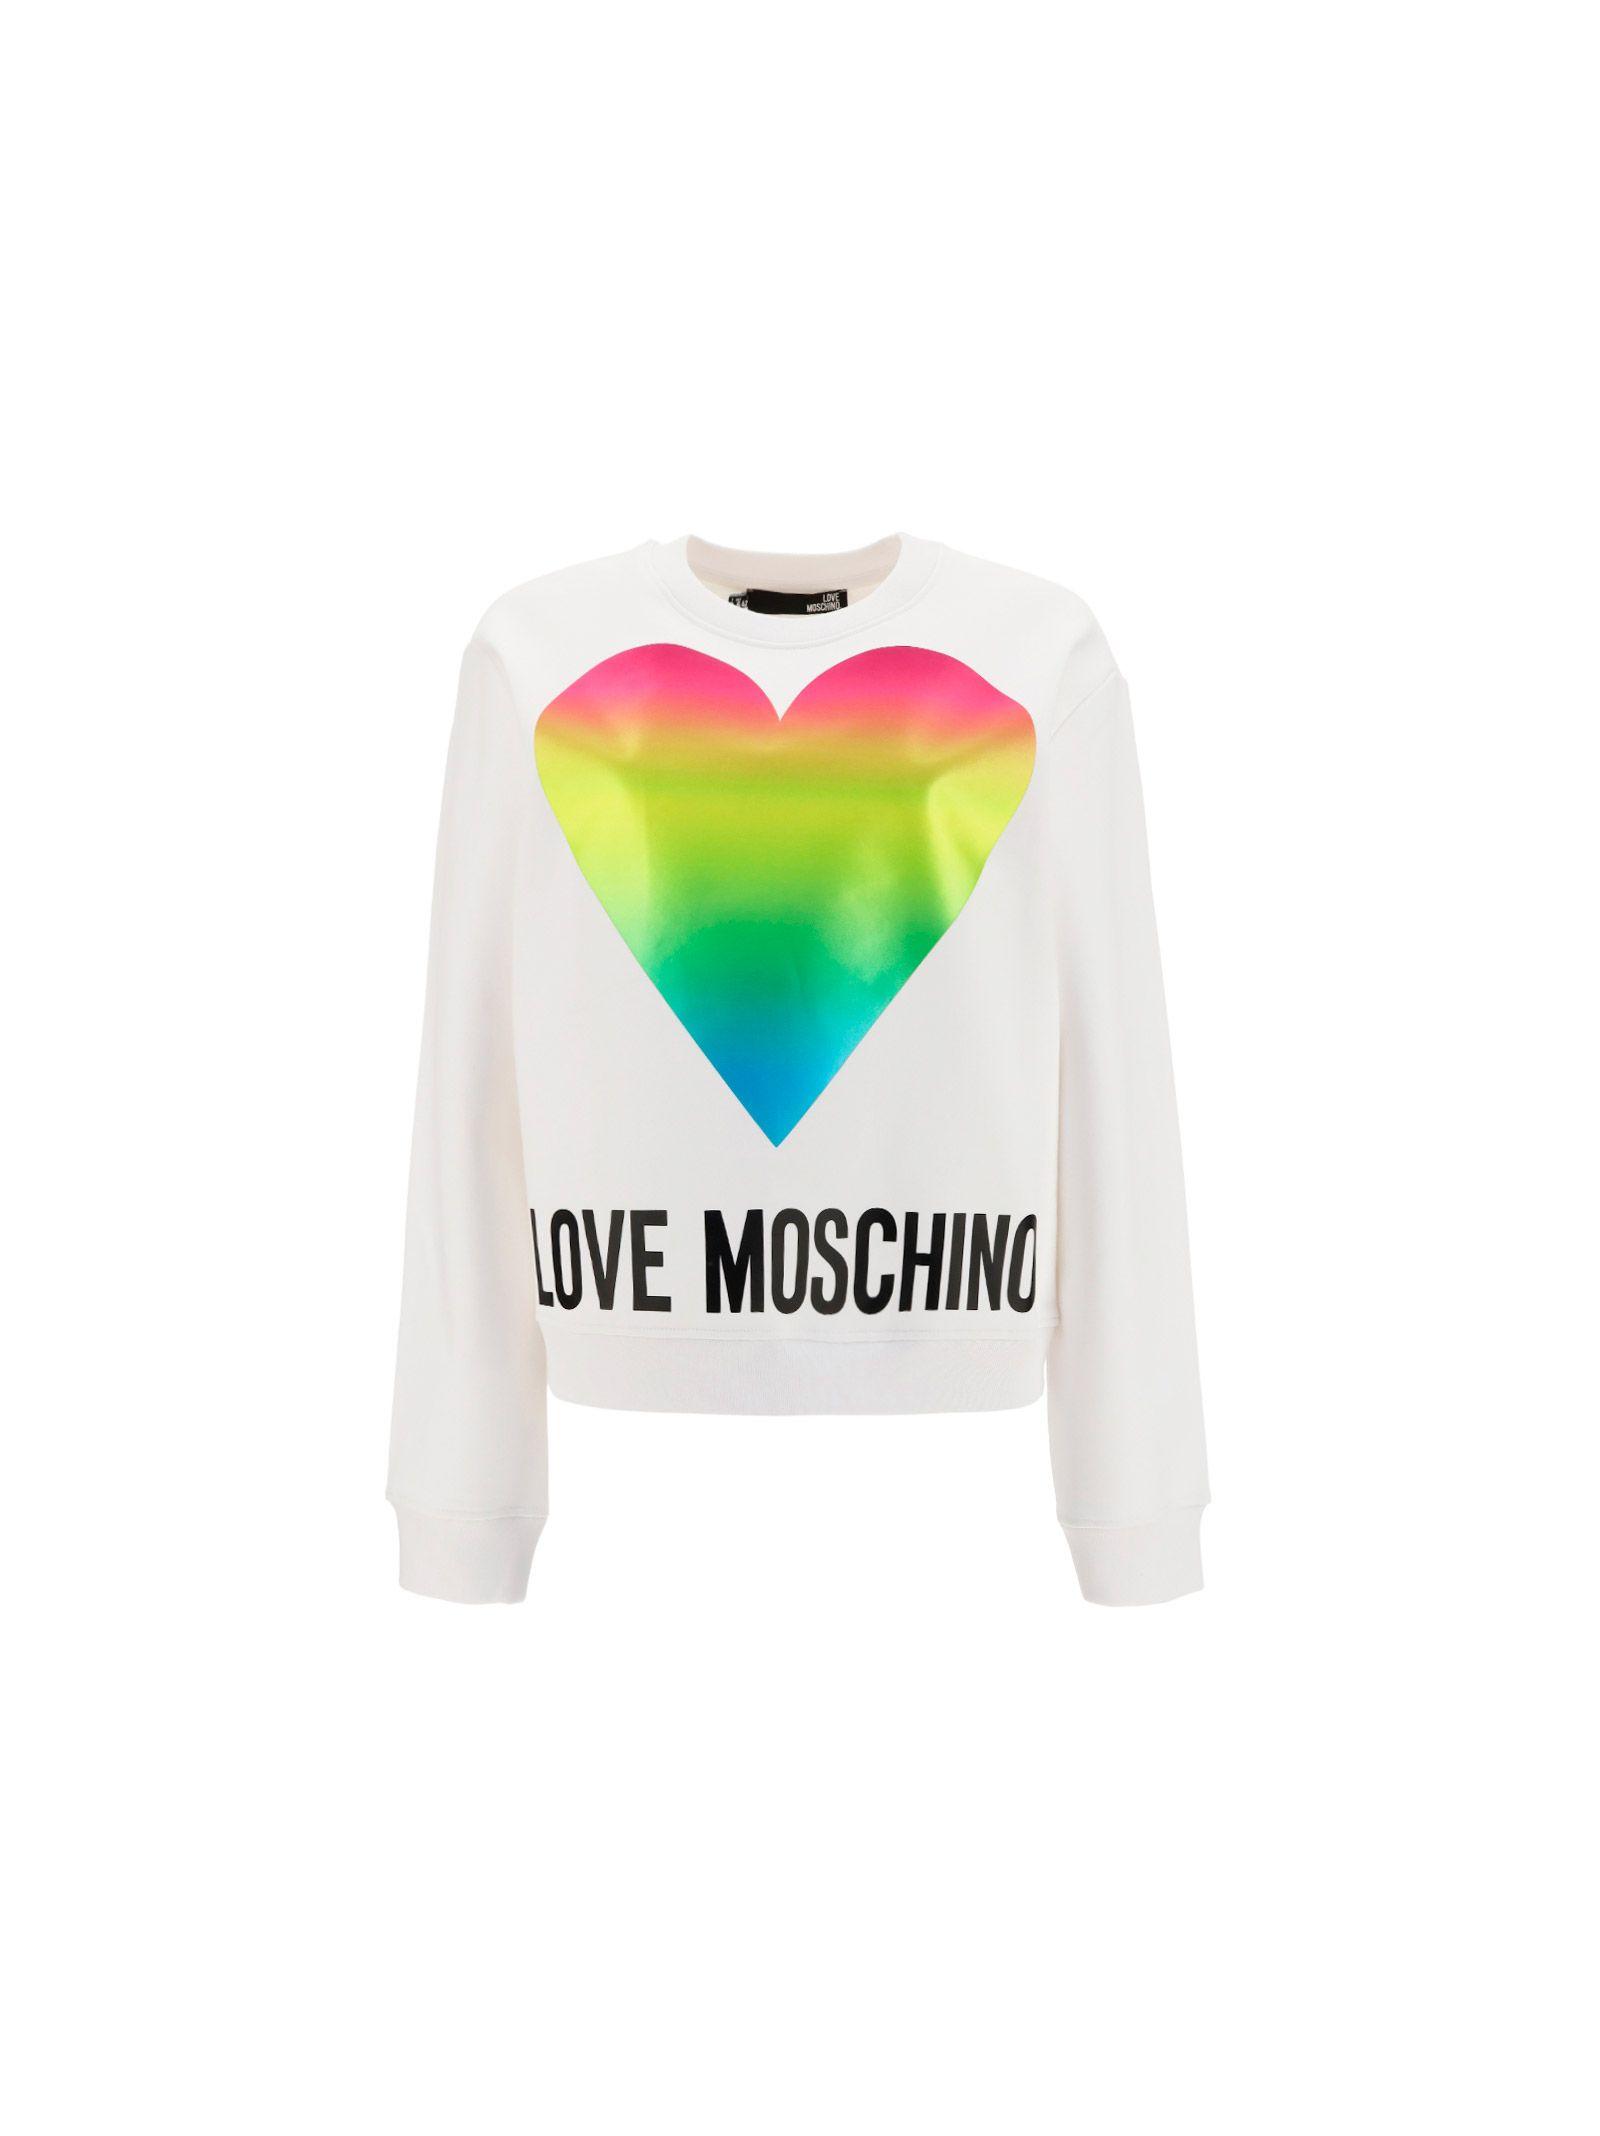 Love Moschino LOVE MOSCHINO WOMEN'S WHITE OTHER MATERIALS SWEATSHIRT